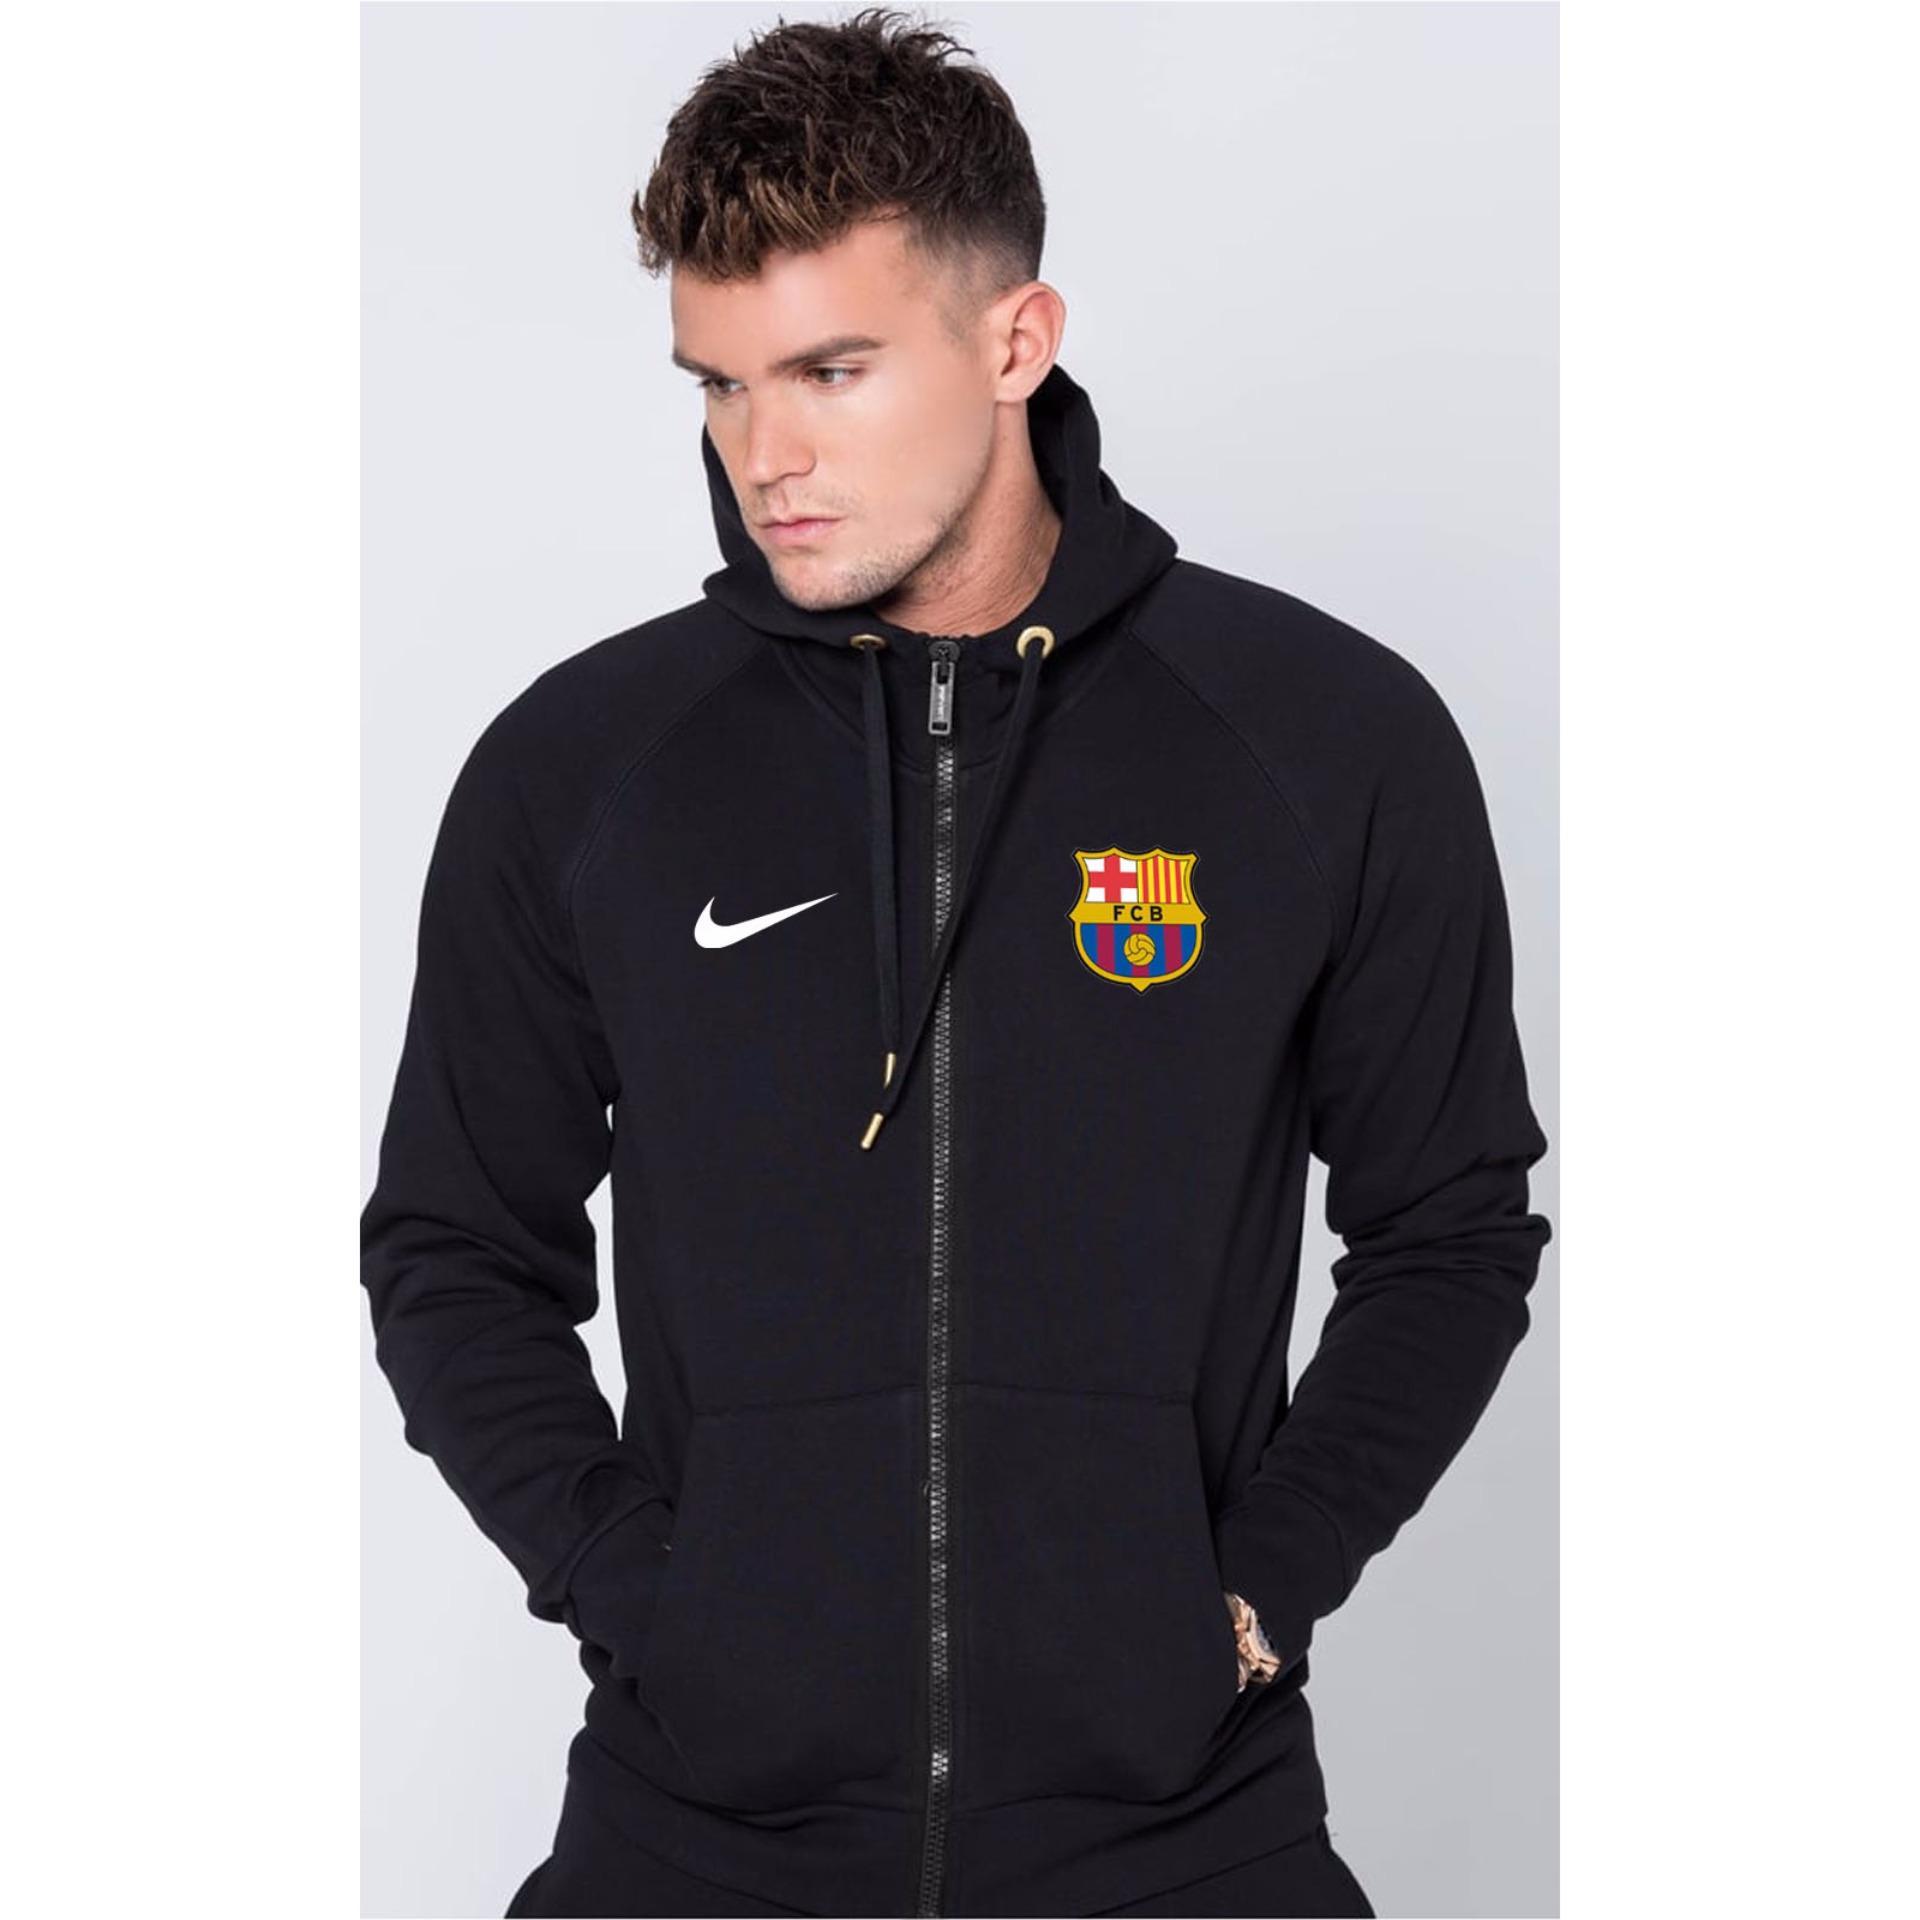 Harga Just Cloth Jaket Zipper Barcelona La Blaugrana Hitam Just Cloth Terbaik